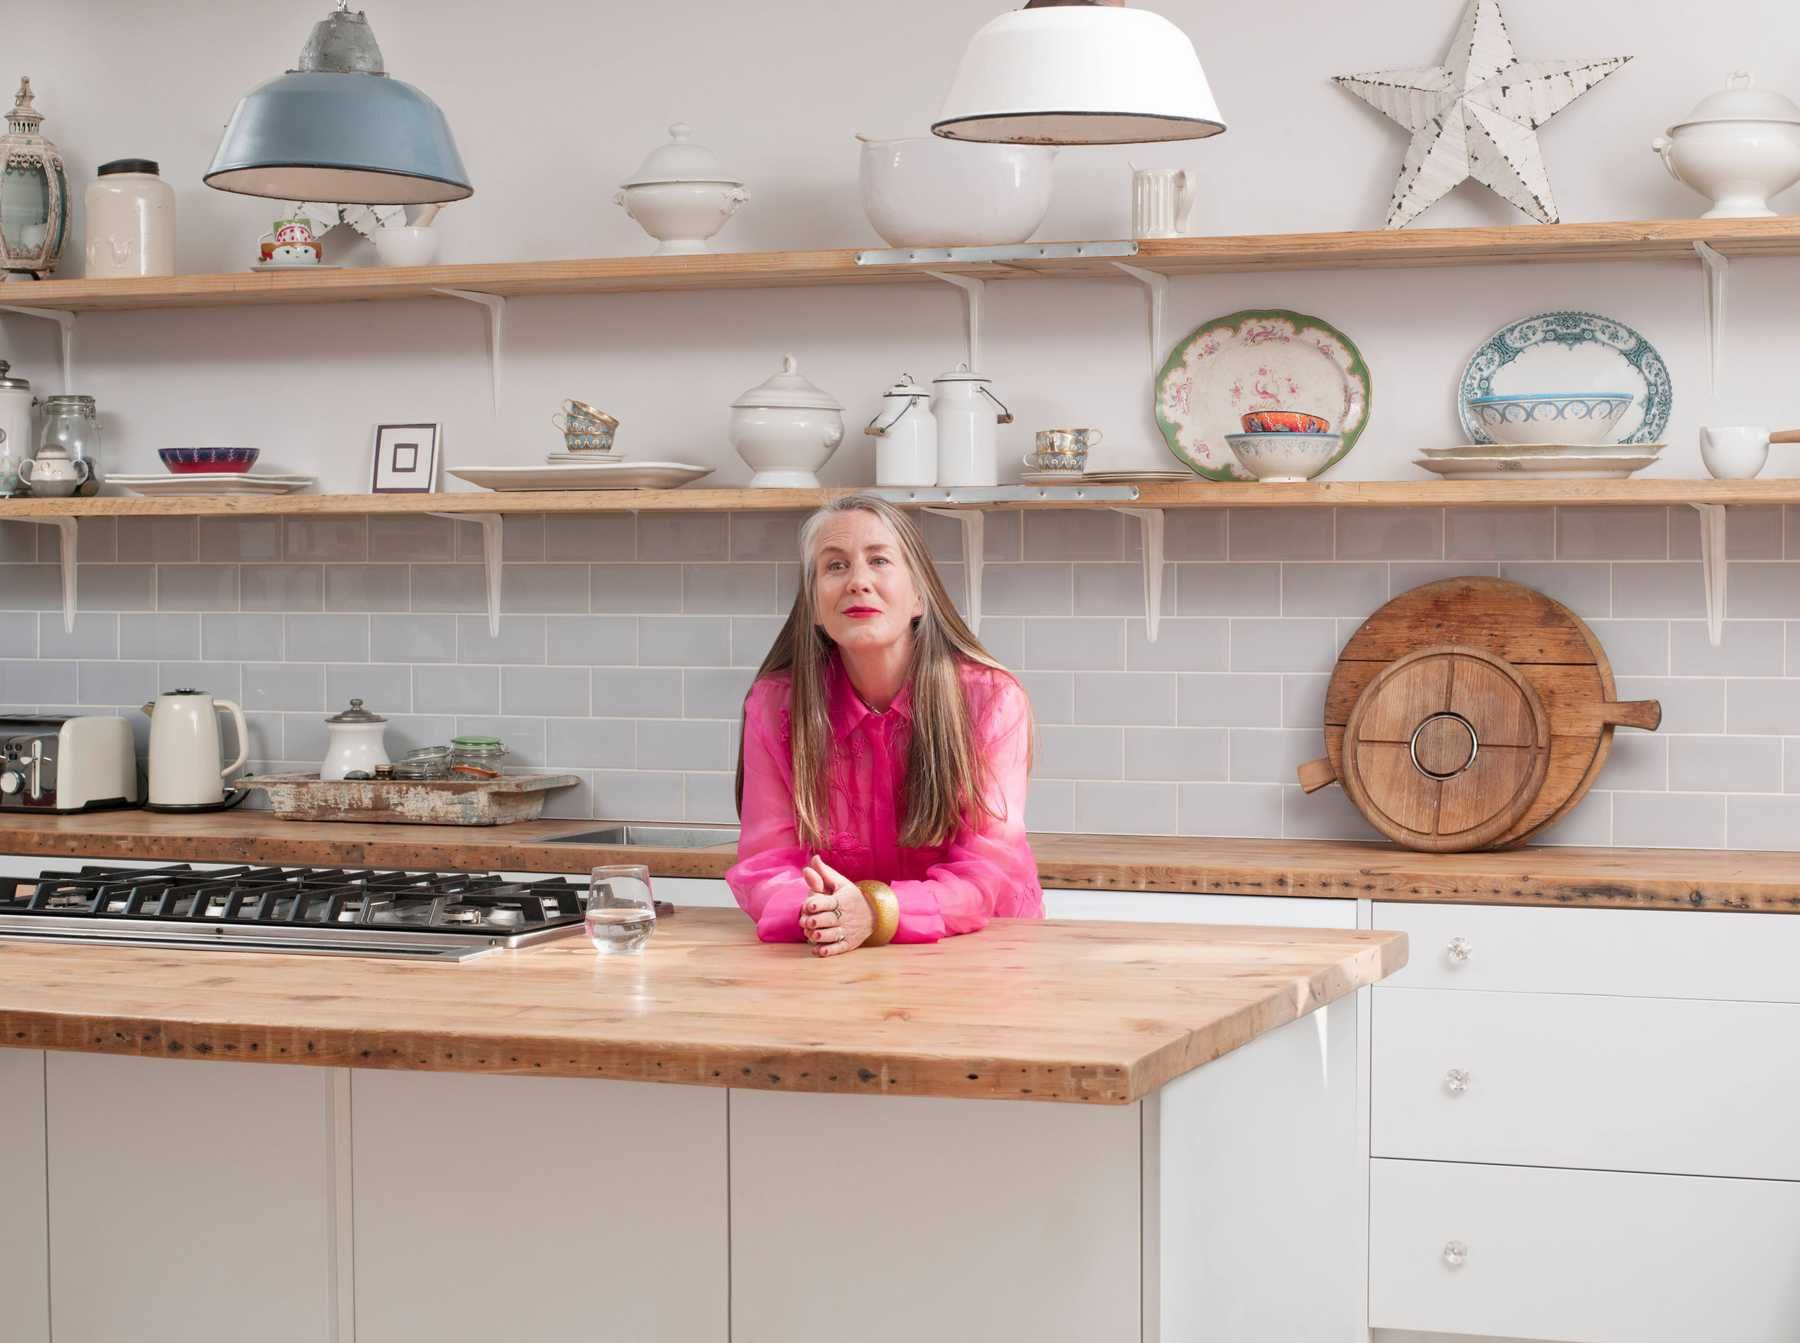 trang trí nhà bếp đơn giản mà đẹp với kệ gỗ nghệ thuật